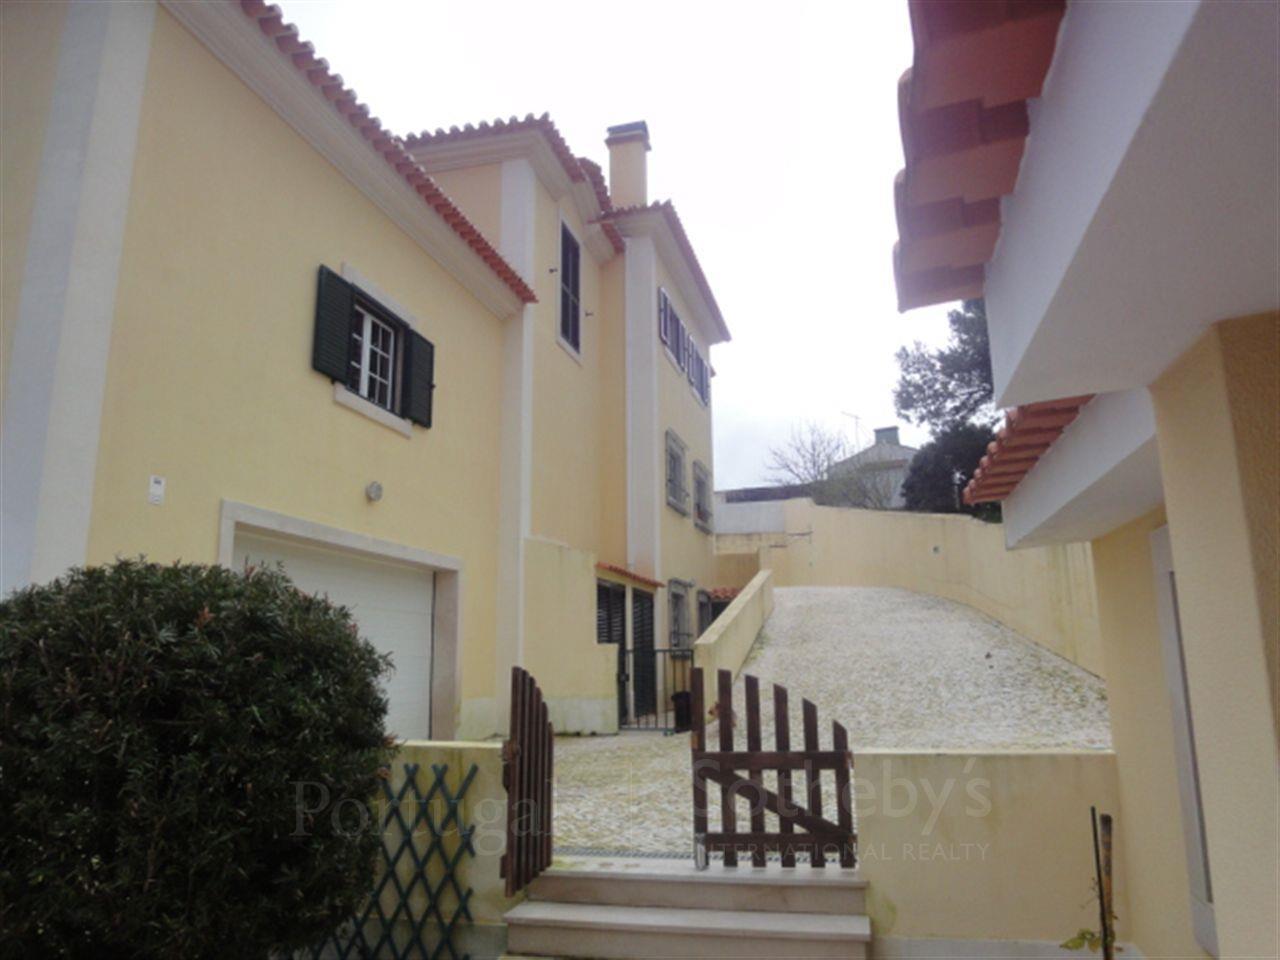 Maison unifamiliale pour l Vente à House, 4 bedrooms, for Sale Murches, Cascais, Lisbonne Portugal